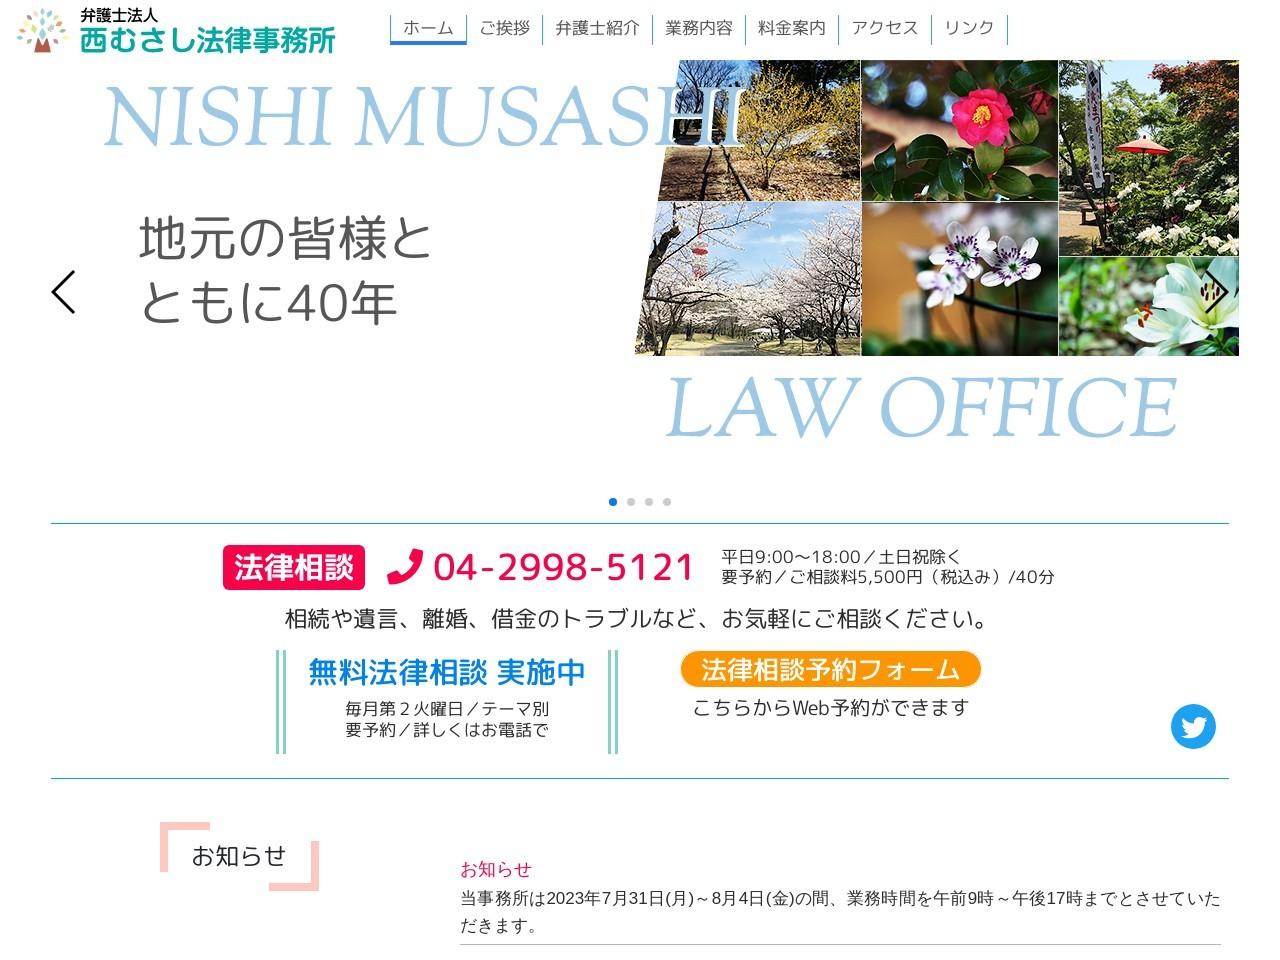 西むさし法律事務所